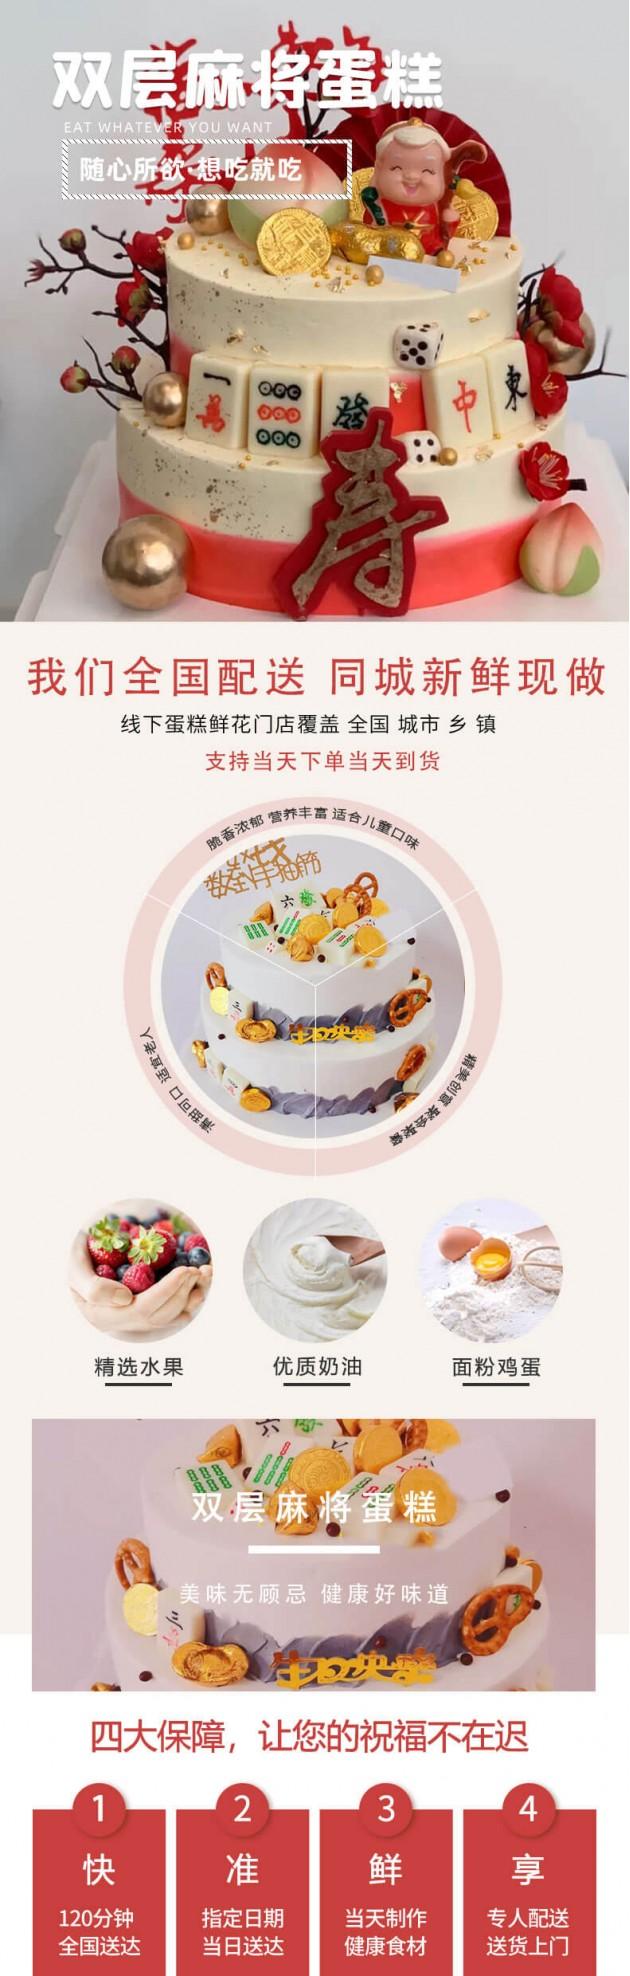 祝寿麻将蛋糕图片